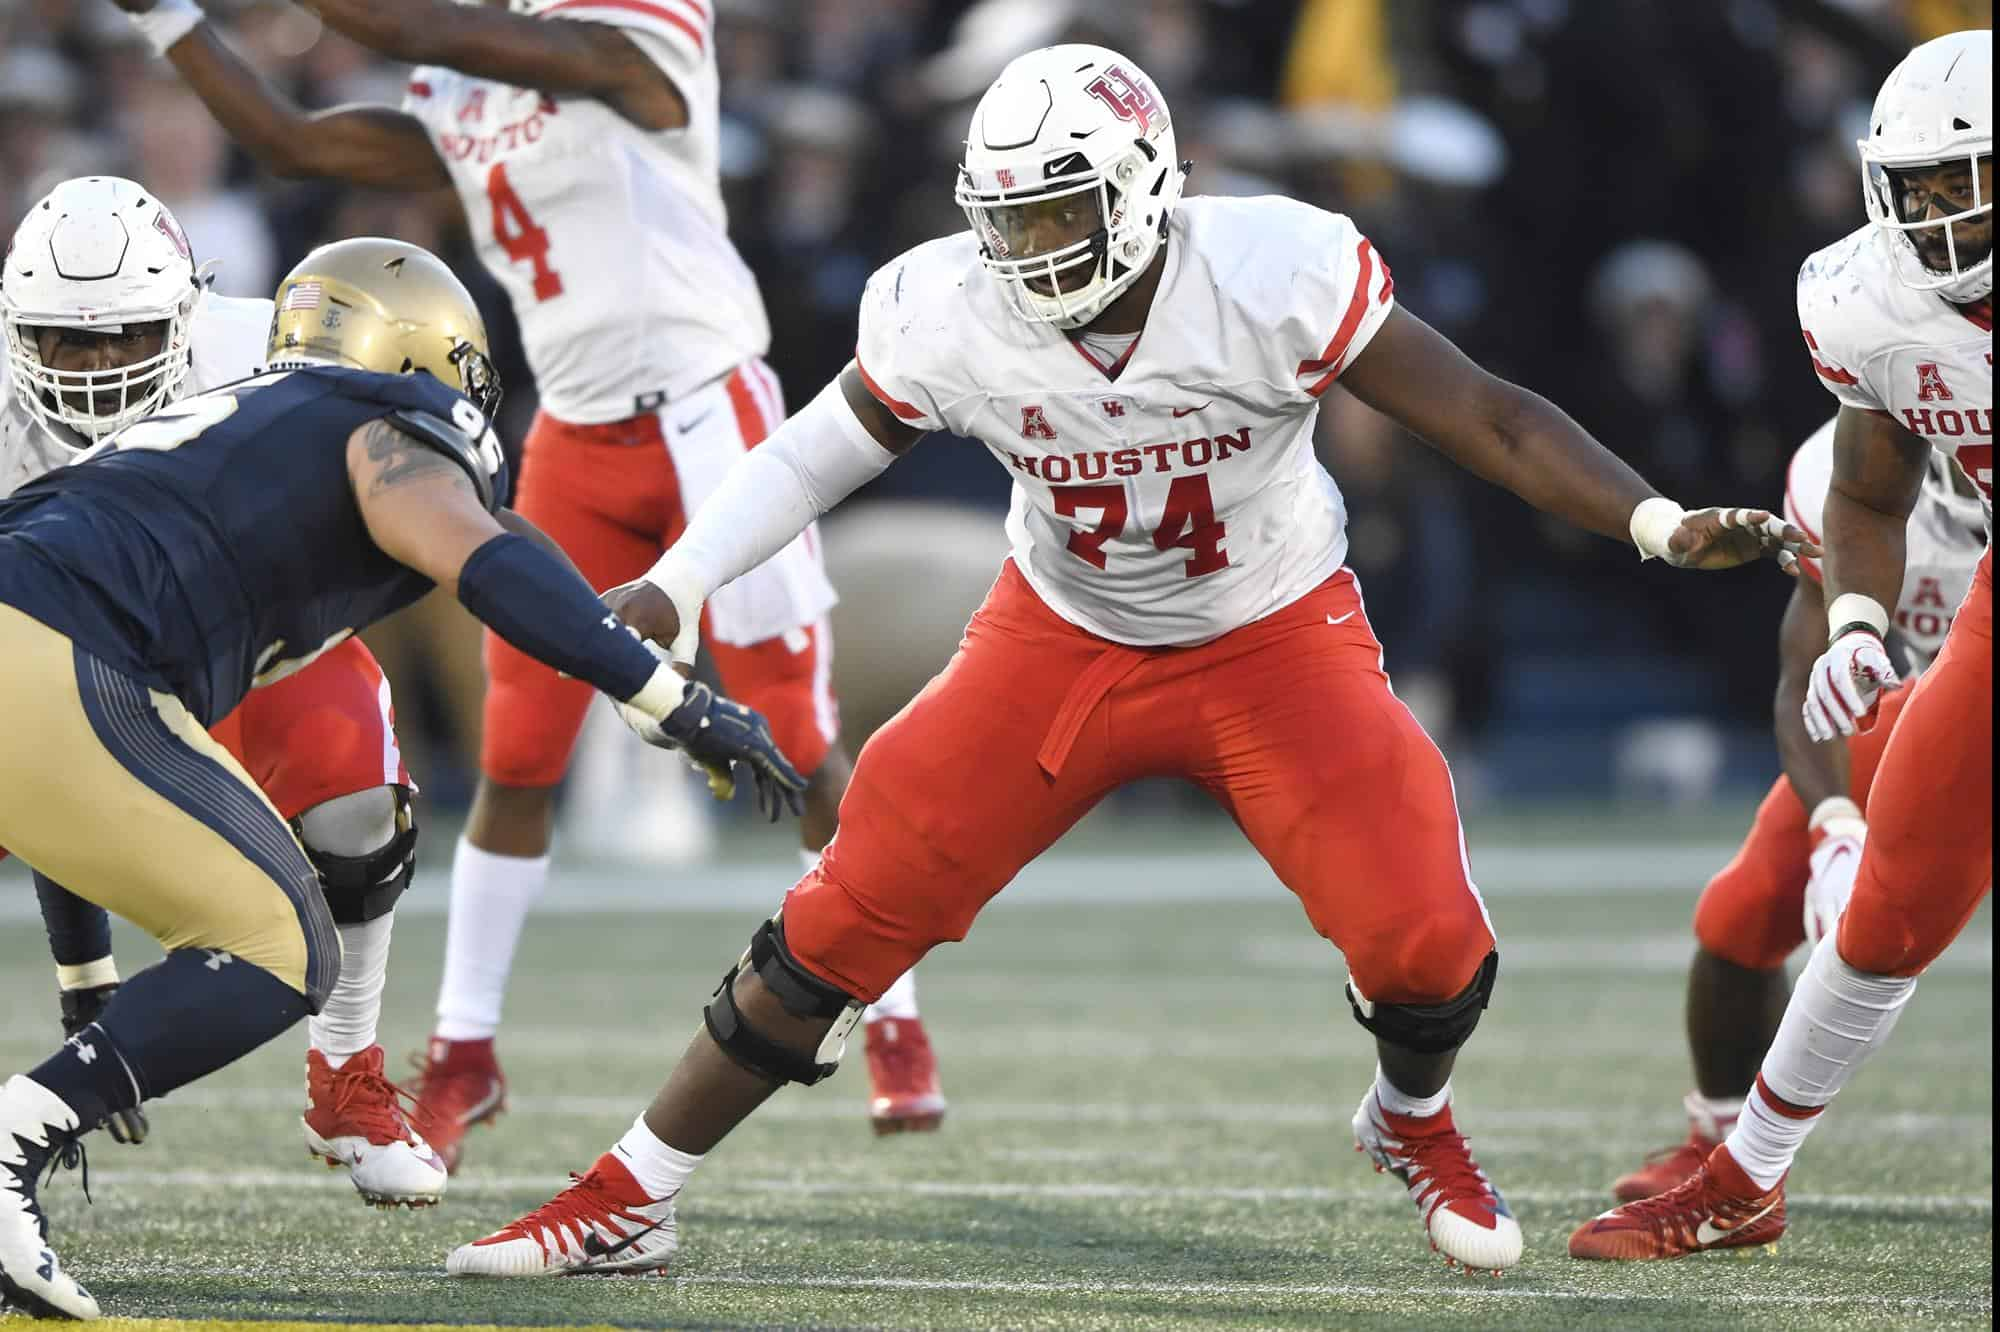 2020 NFL Draft: Houston's Josh Jones looking like a top prospect